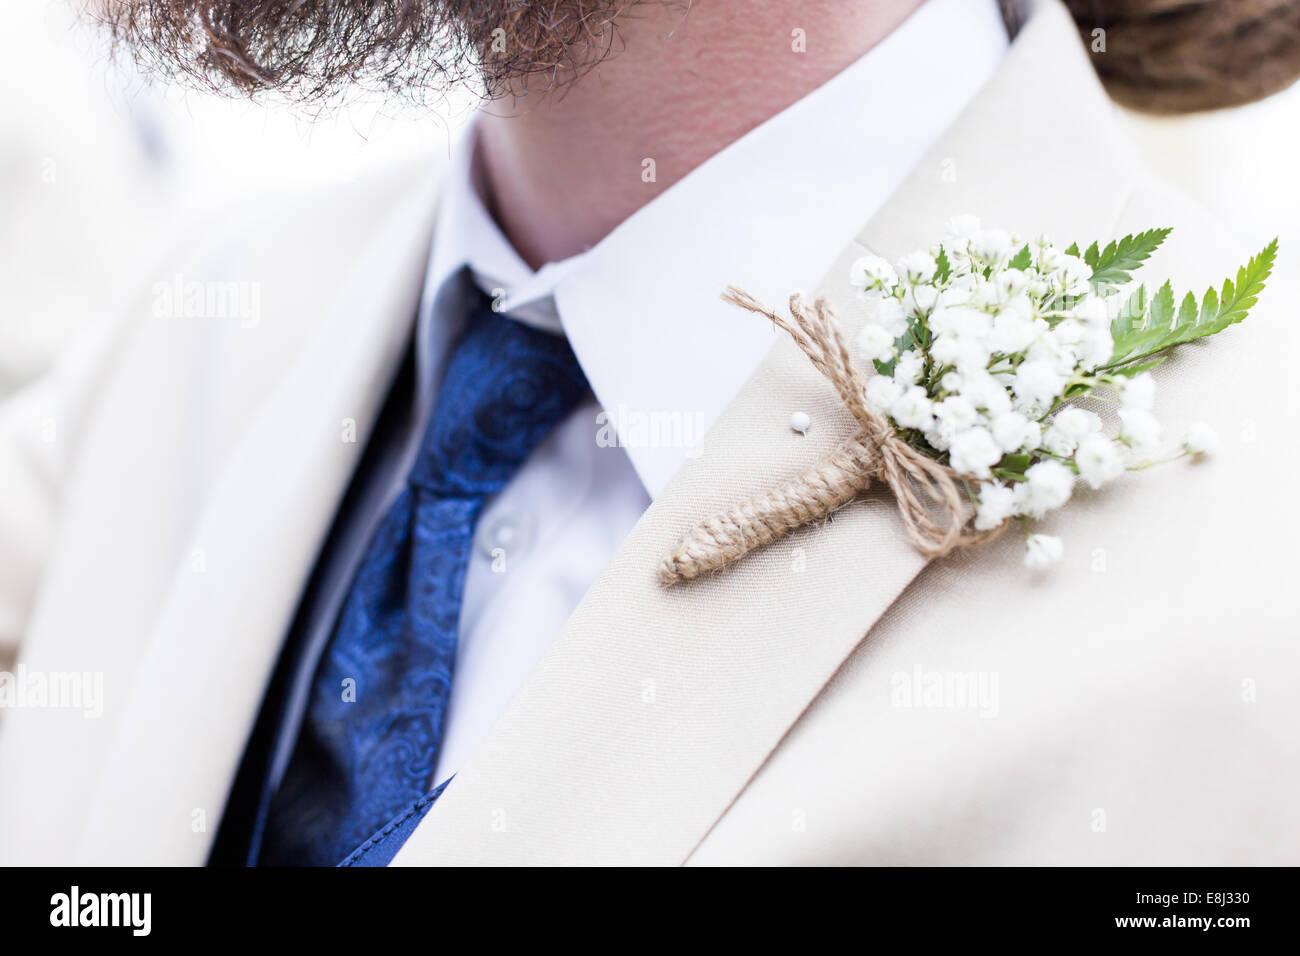 Ojal pin up para novios traje justo antes de la boda Fotografía de ...